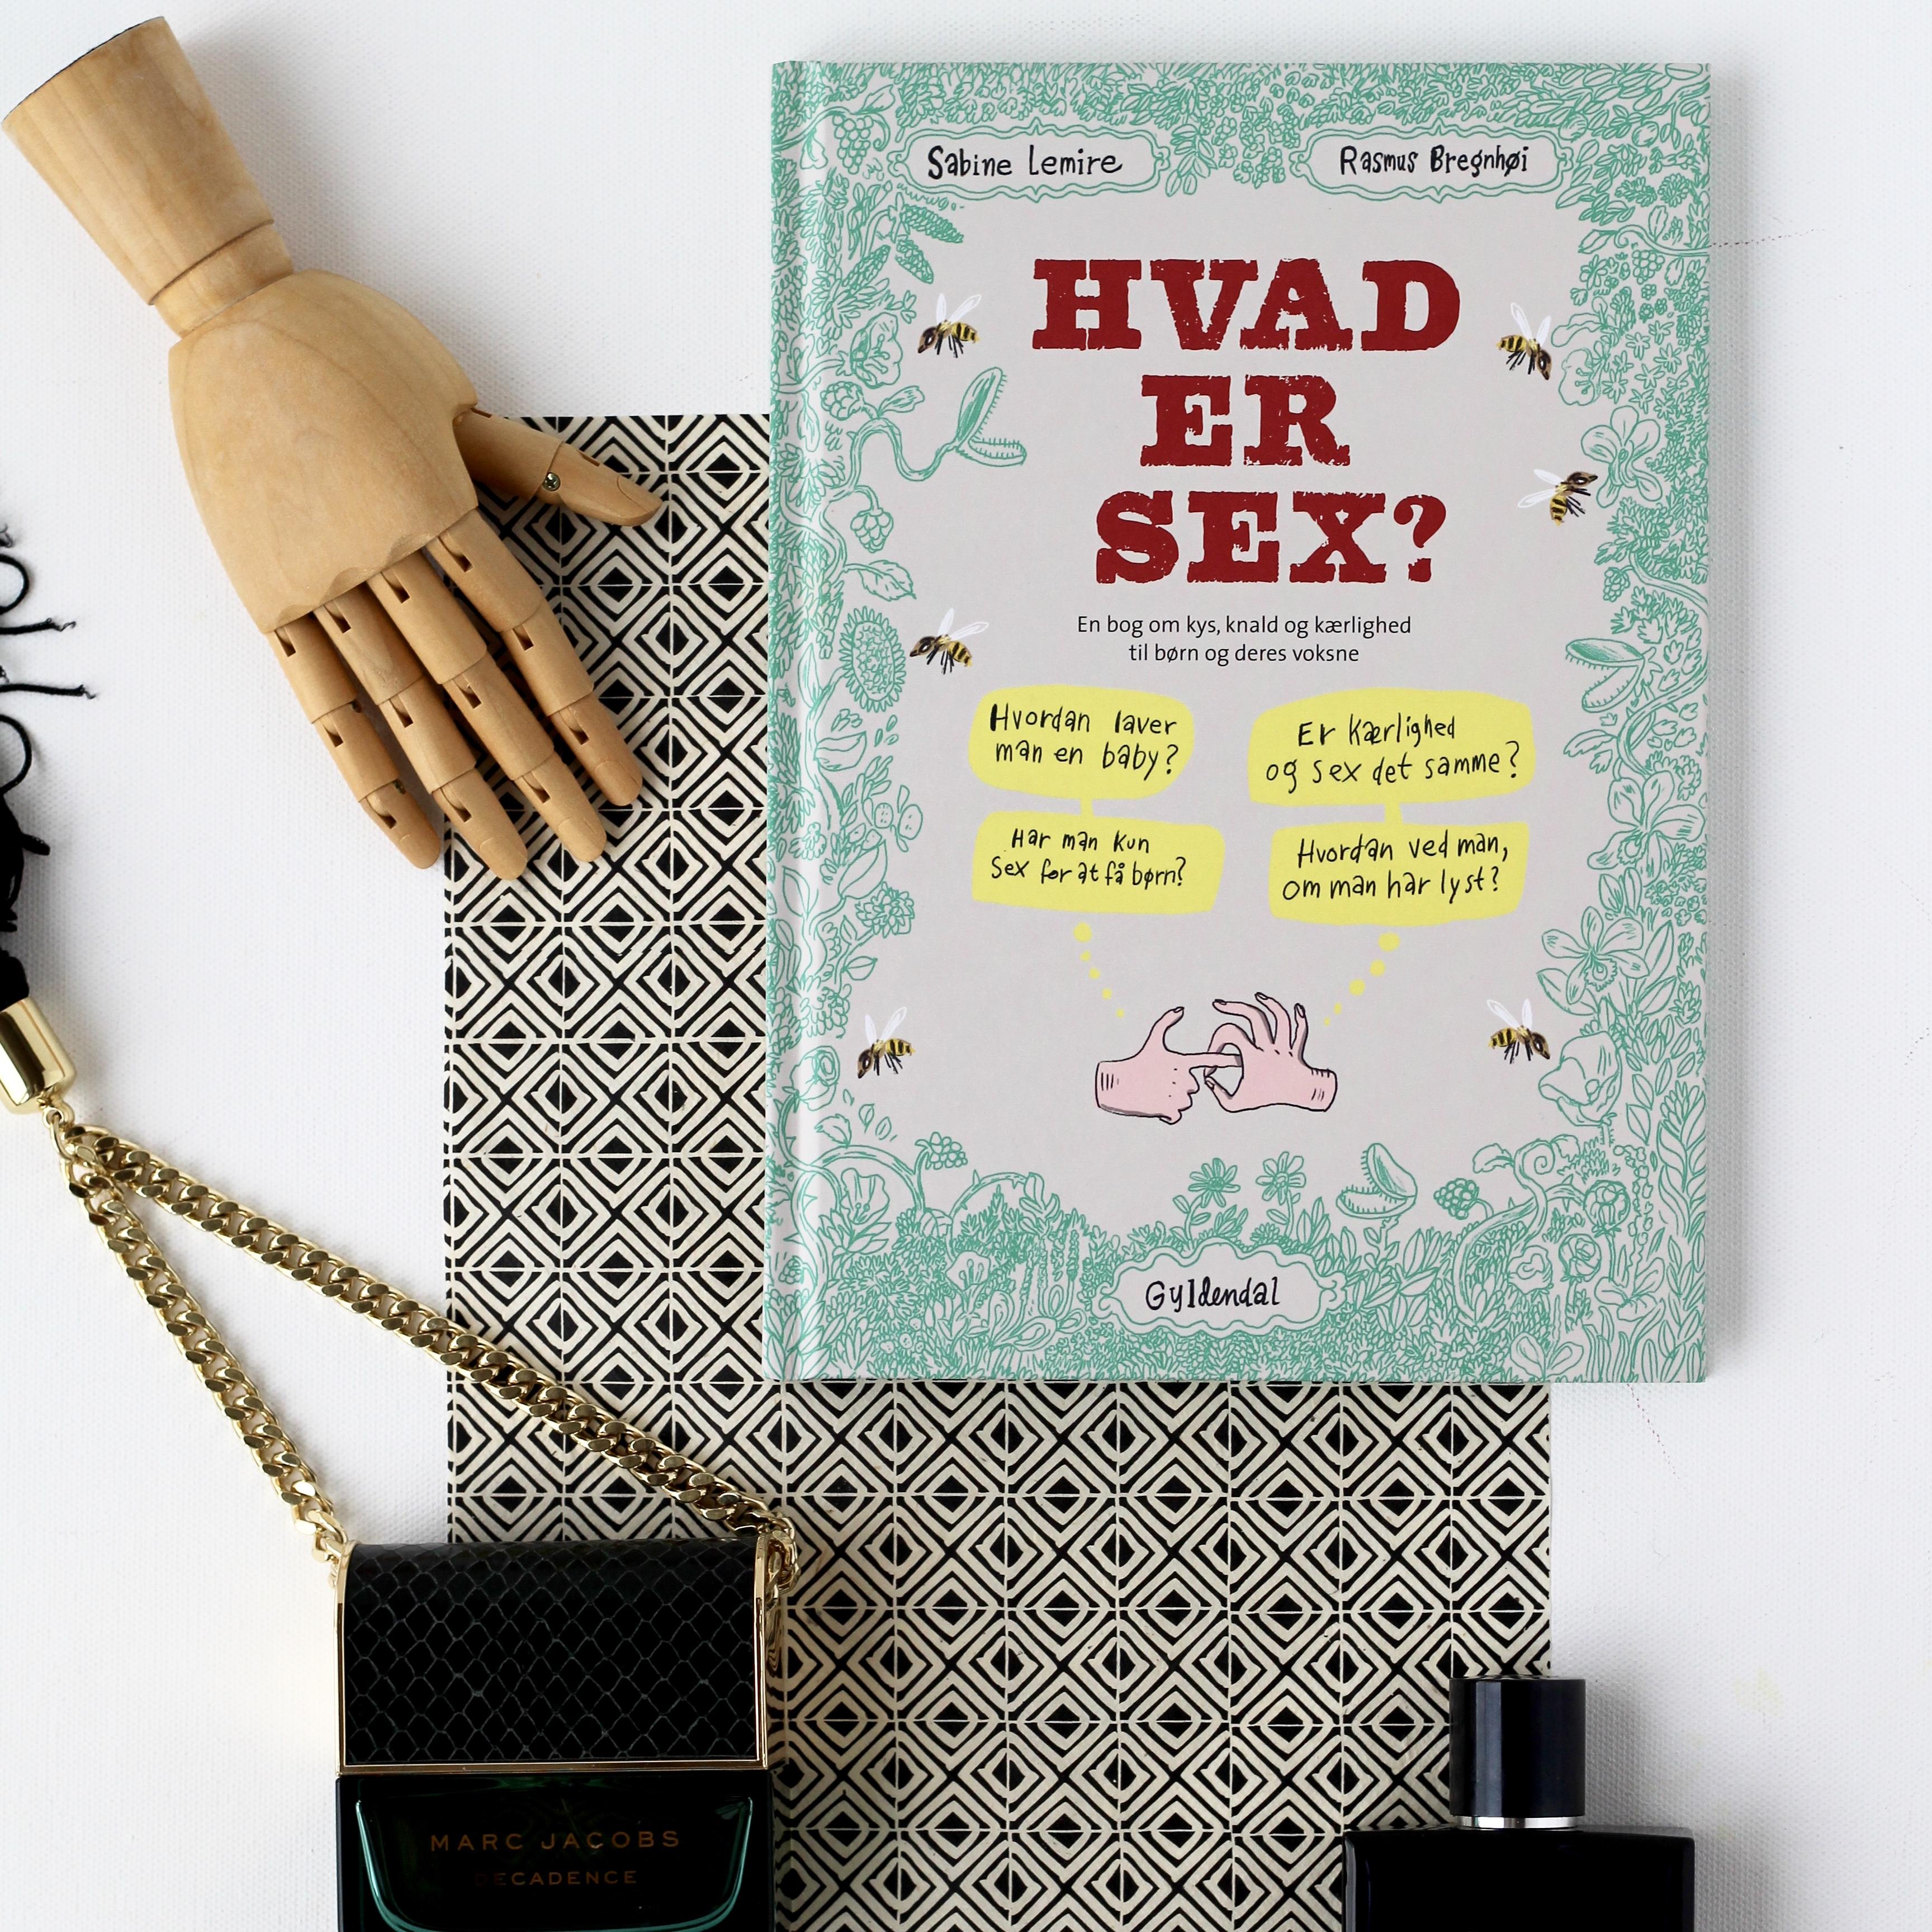 Hvad er sex? Sabine Lemire, Rasmus Bregnhøi, Bogoplevelsen